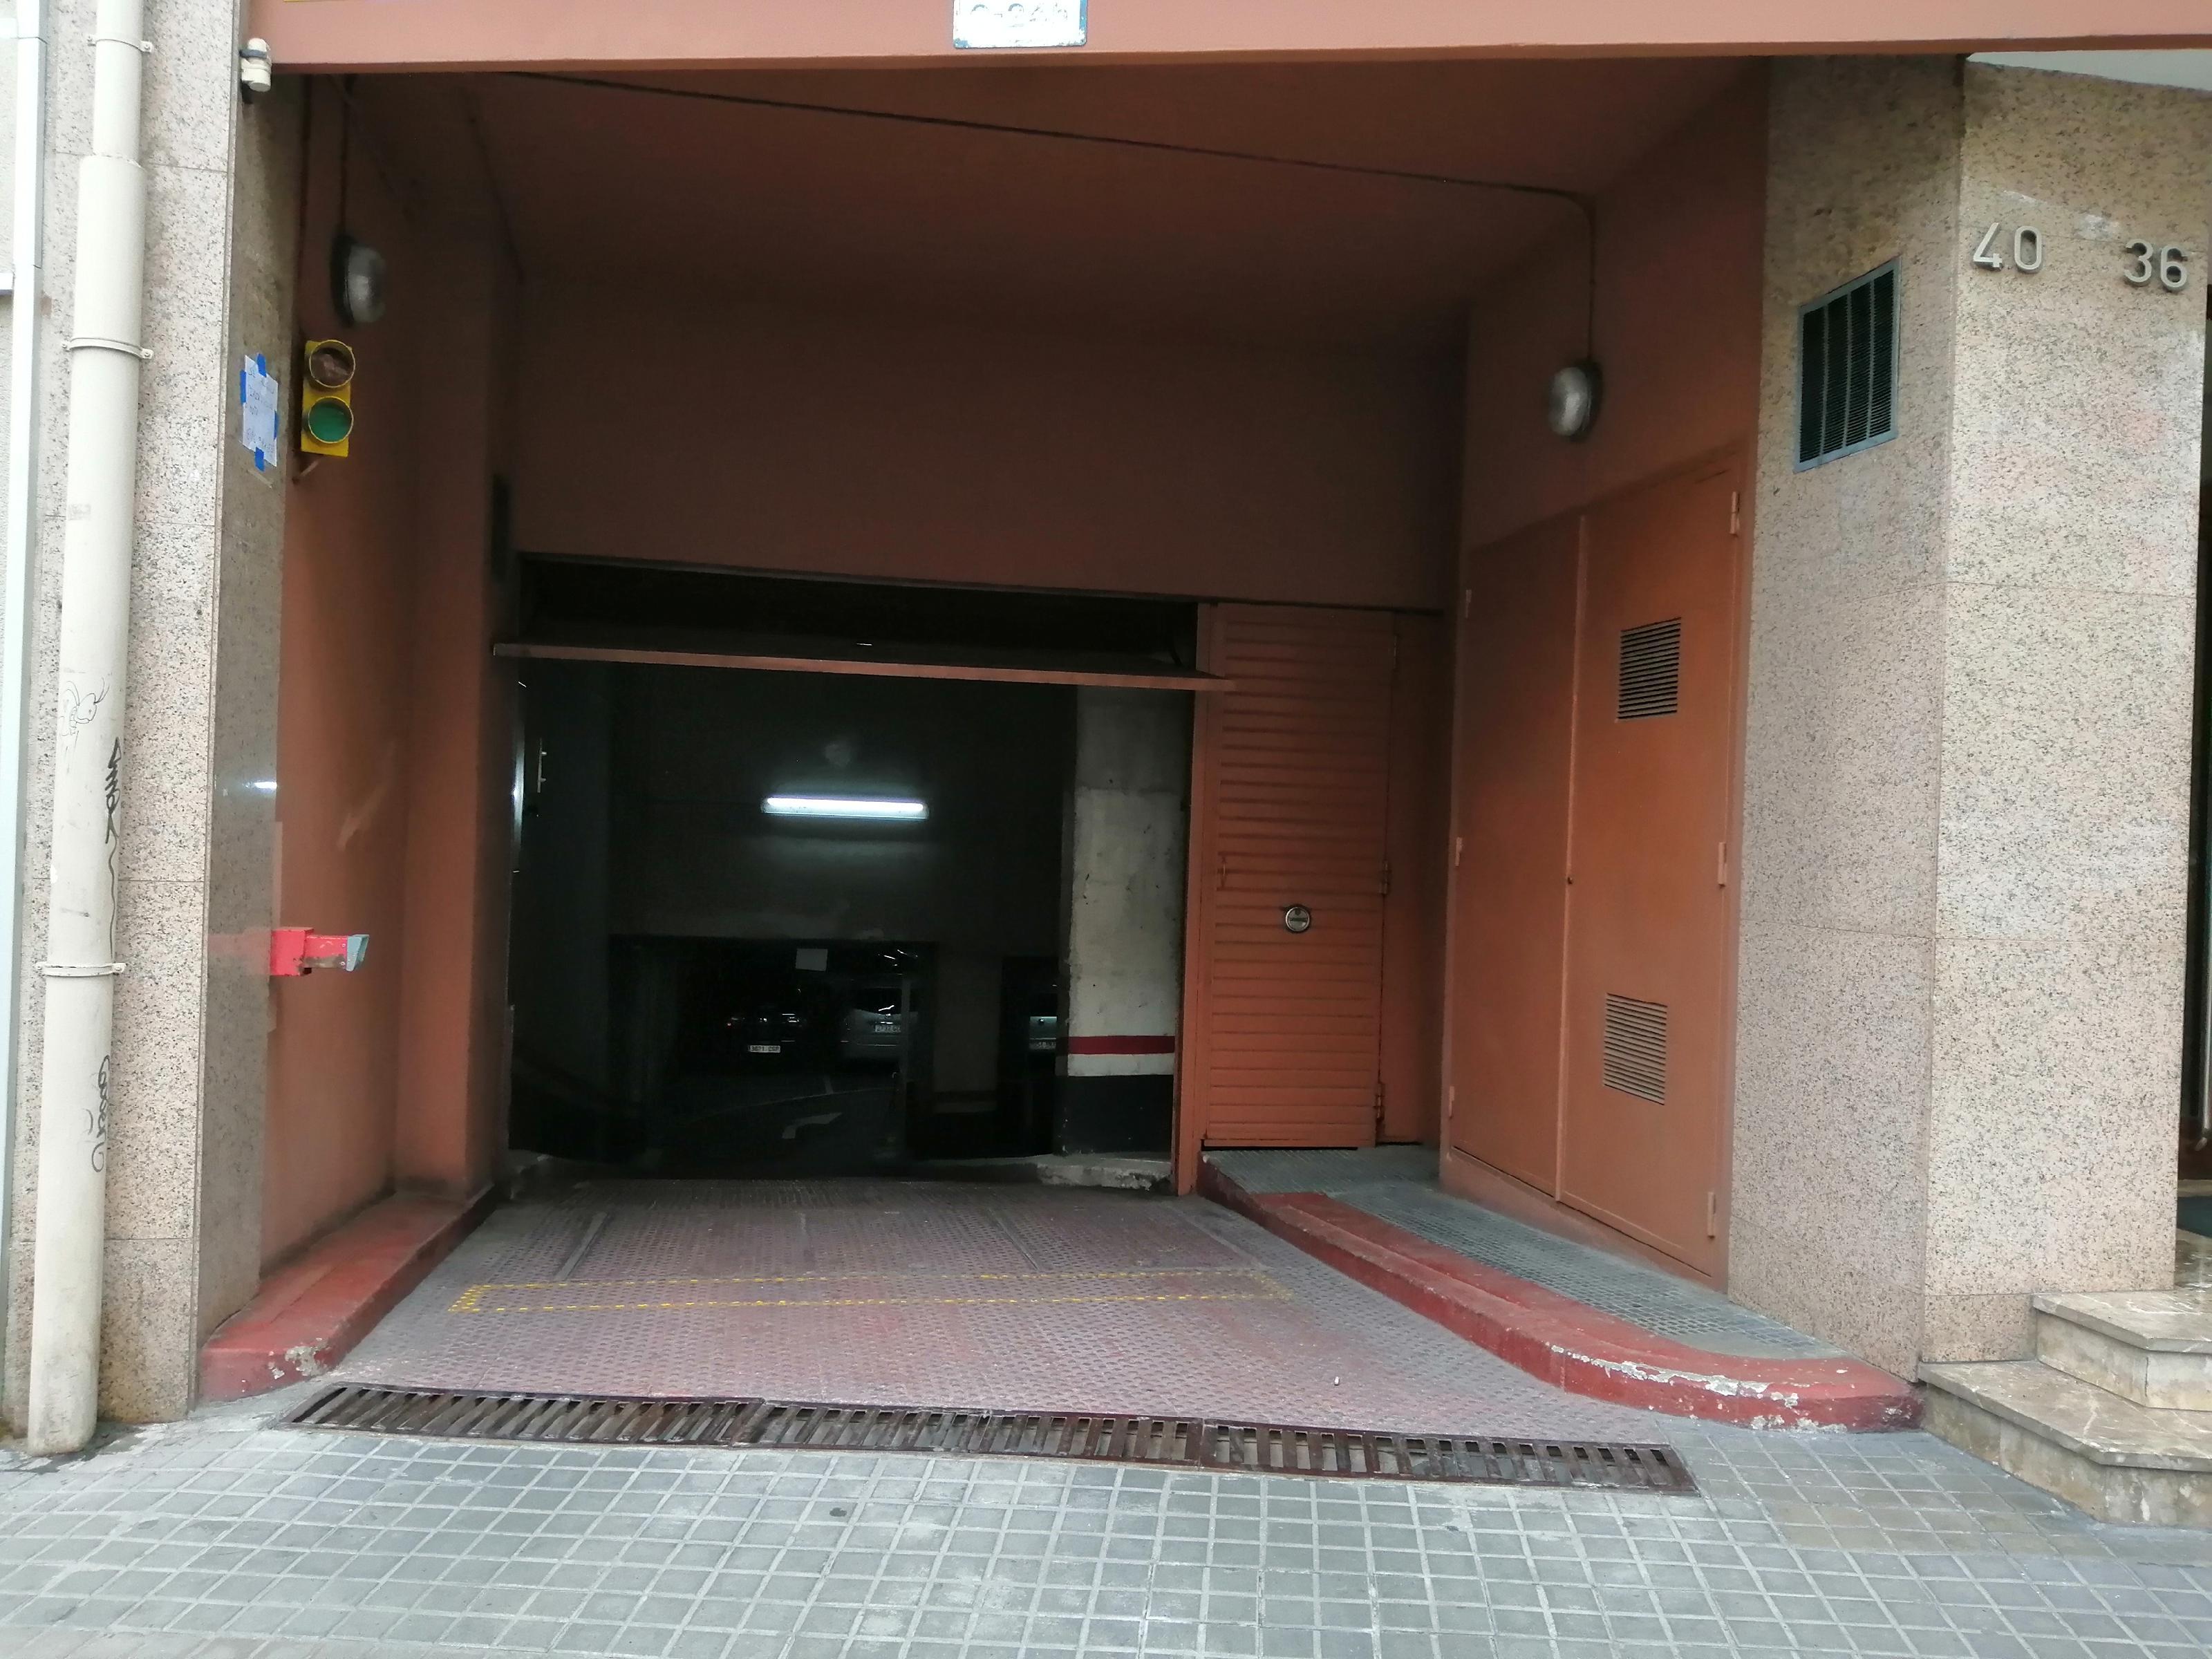 Imagen 4 Parking Coche en venta en Barcelona / Avda. de Roma - Vilamarí